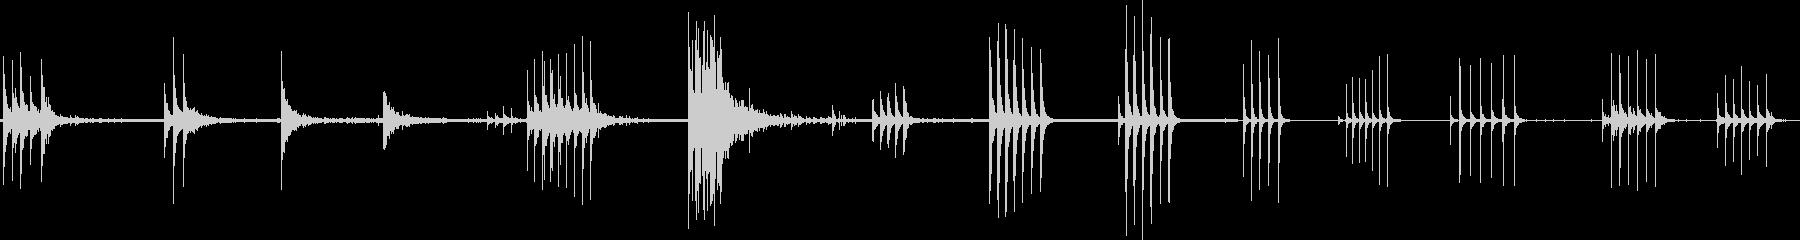 ドアガレージメタルノックプルの未再生の波形